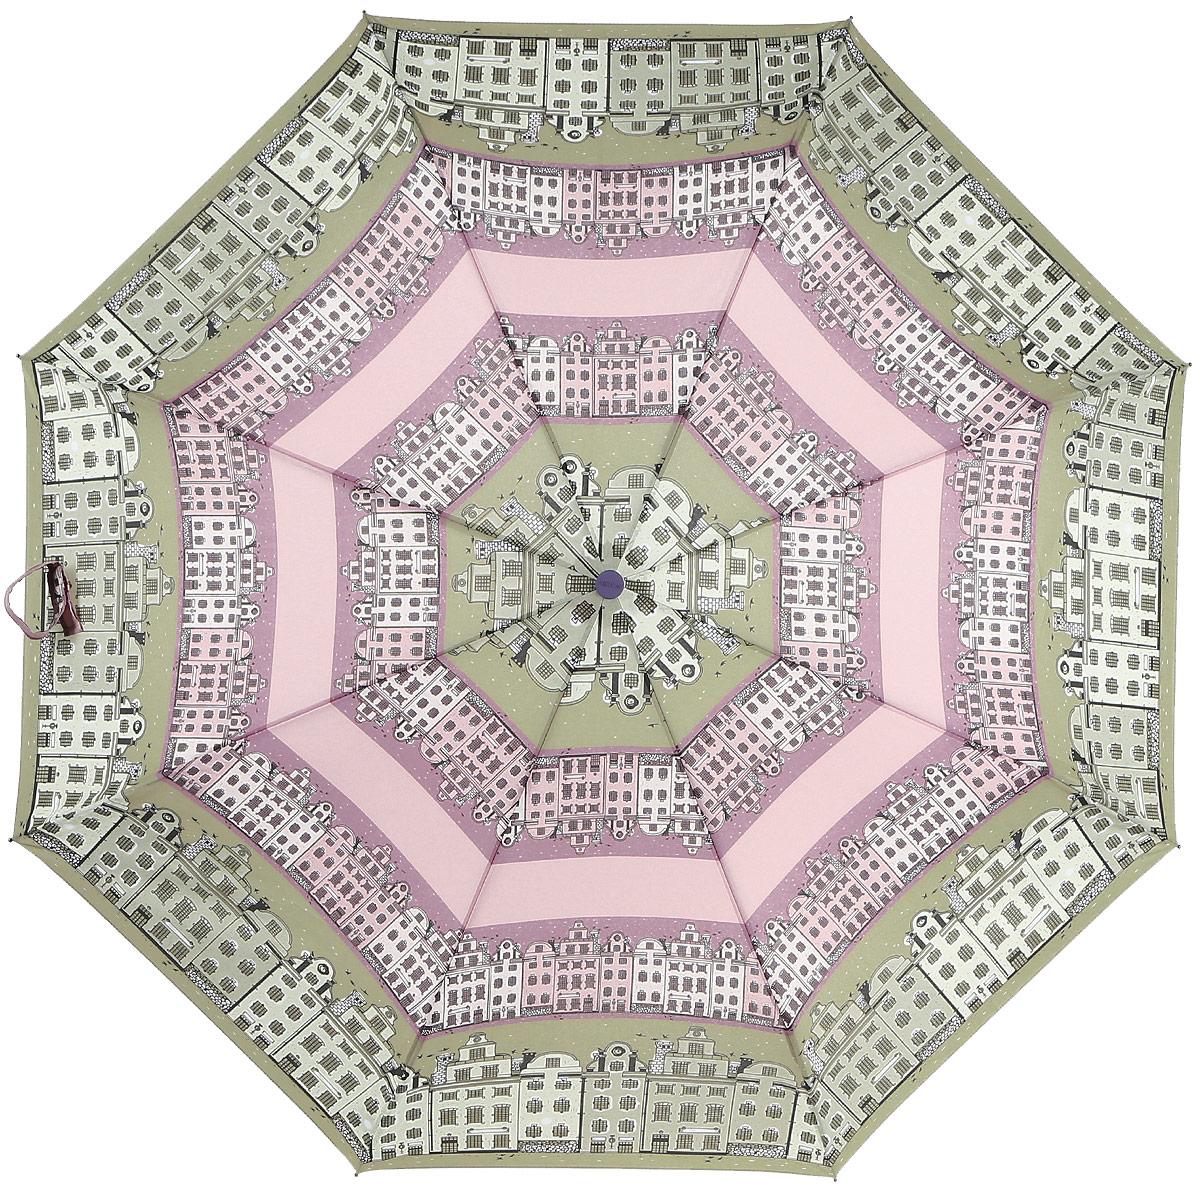 Зонт женский Airton, механический, 3 сложения, цвет: бежевый, розовый. 3515-1203515-120Классический женский зонт в 3 сложения с механической системой открытия и закрытия. Удобная ручка выполнена из пластика. Модель зонта выполнена в стандартном размере, оснащена системой Антиветер. Этот стильный аксессуар поместится практически в любую женскую сумочку благодаря своим небольшим размерам. Вес зонта- 300 гр.